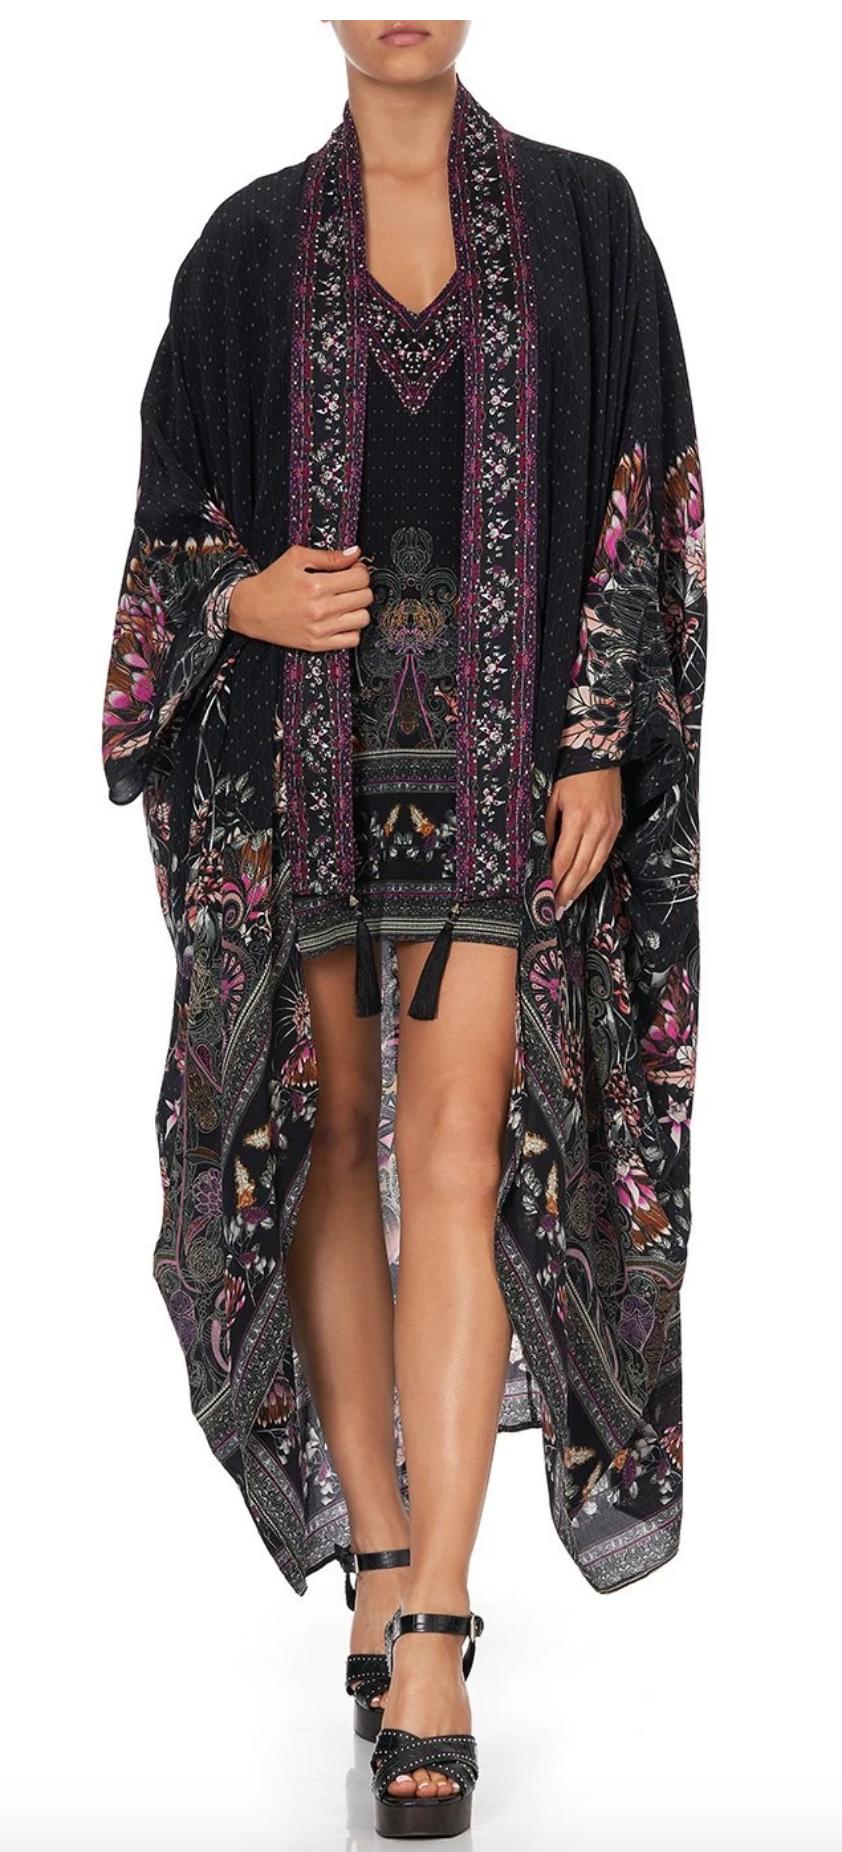 Camilla Layer W/ Kimono Collar